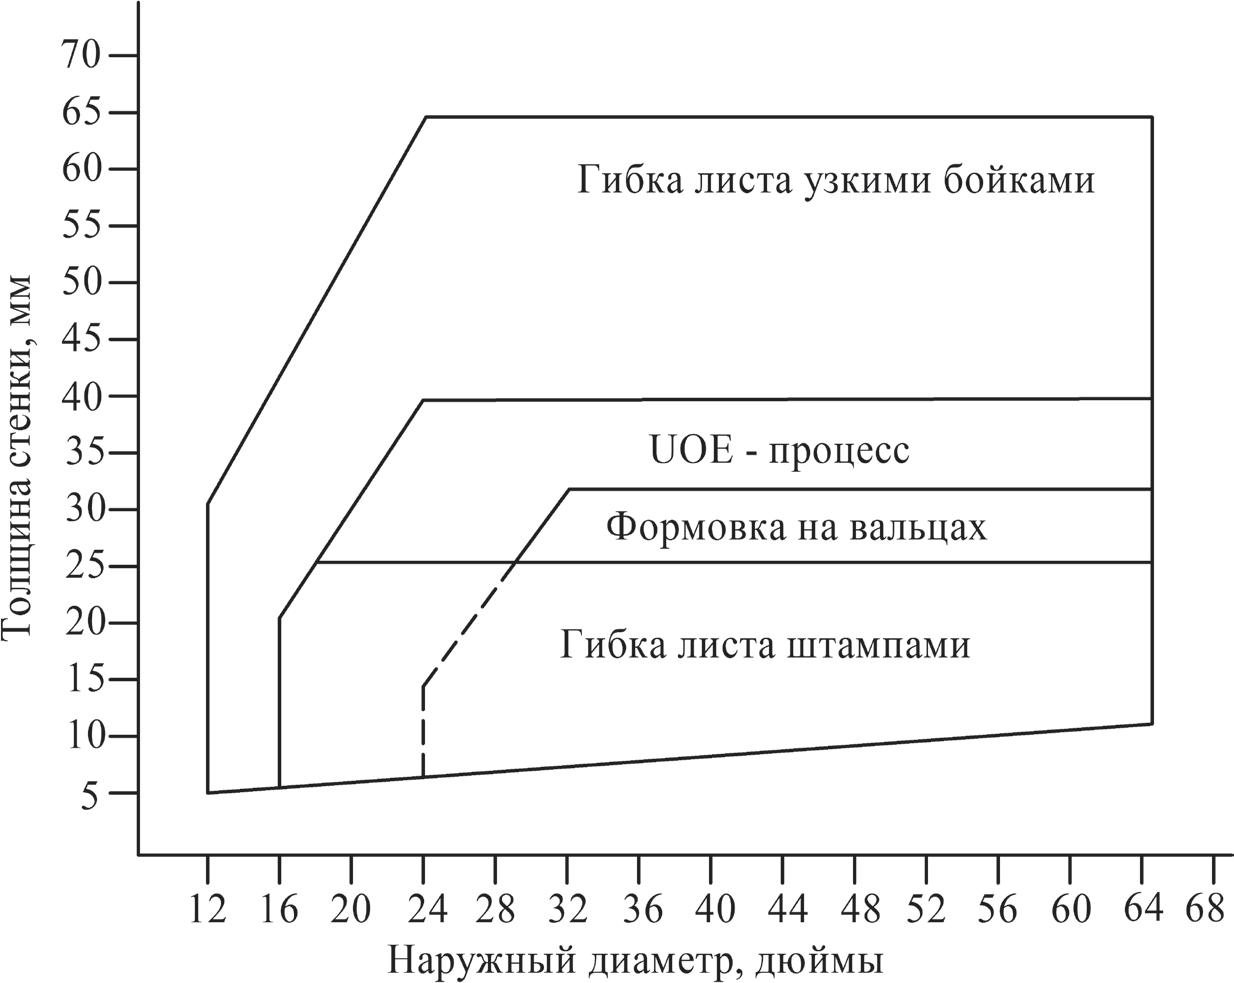 Сортамент прямошовных труб при различных способах формовки